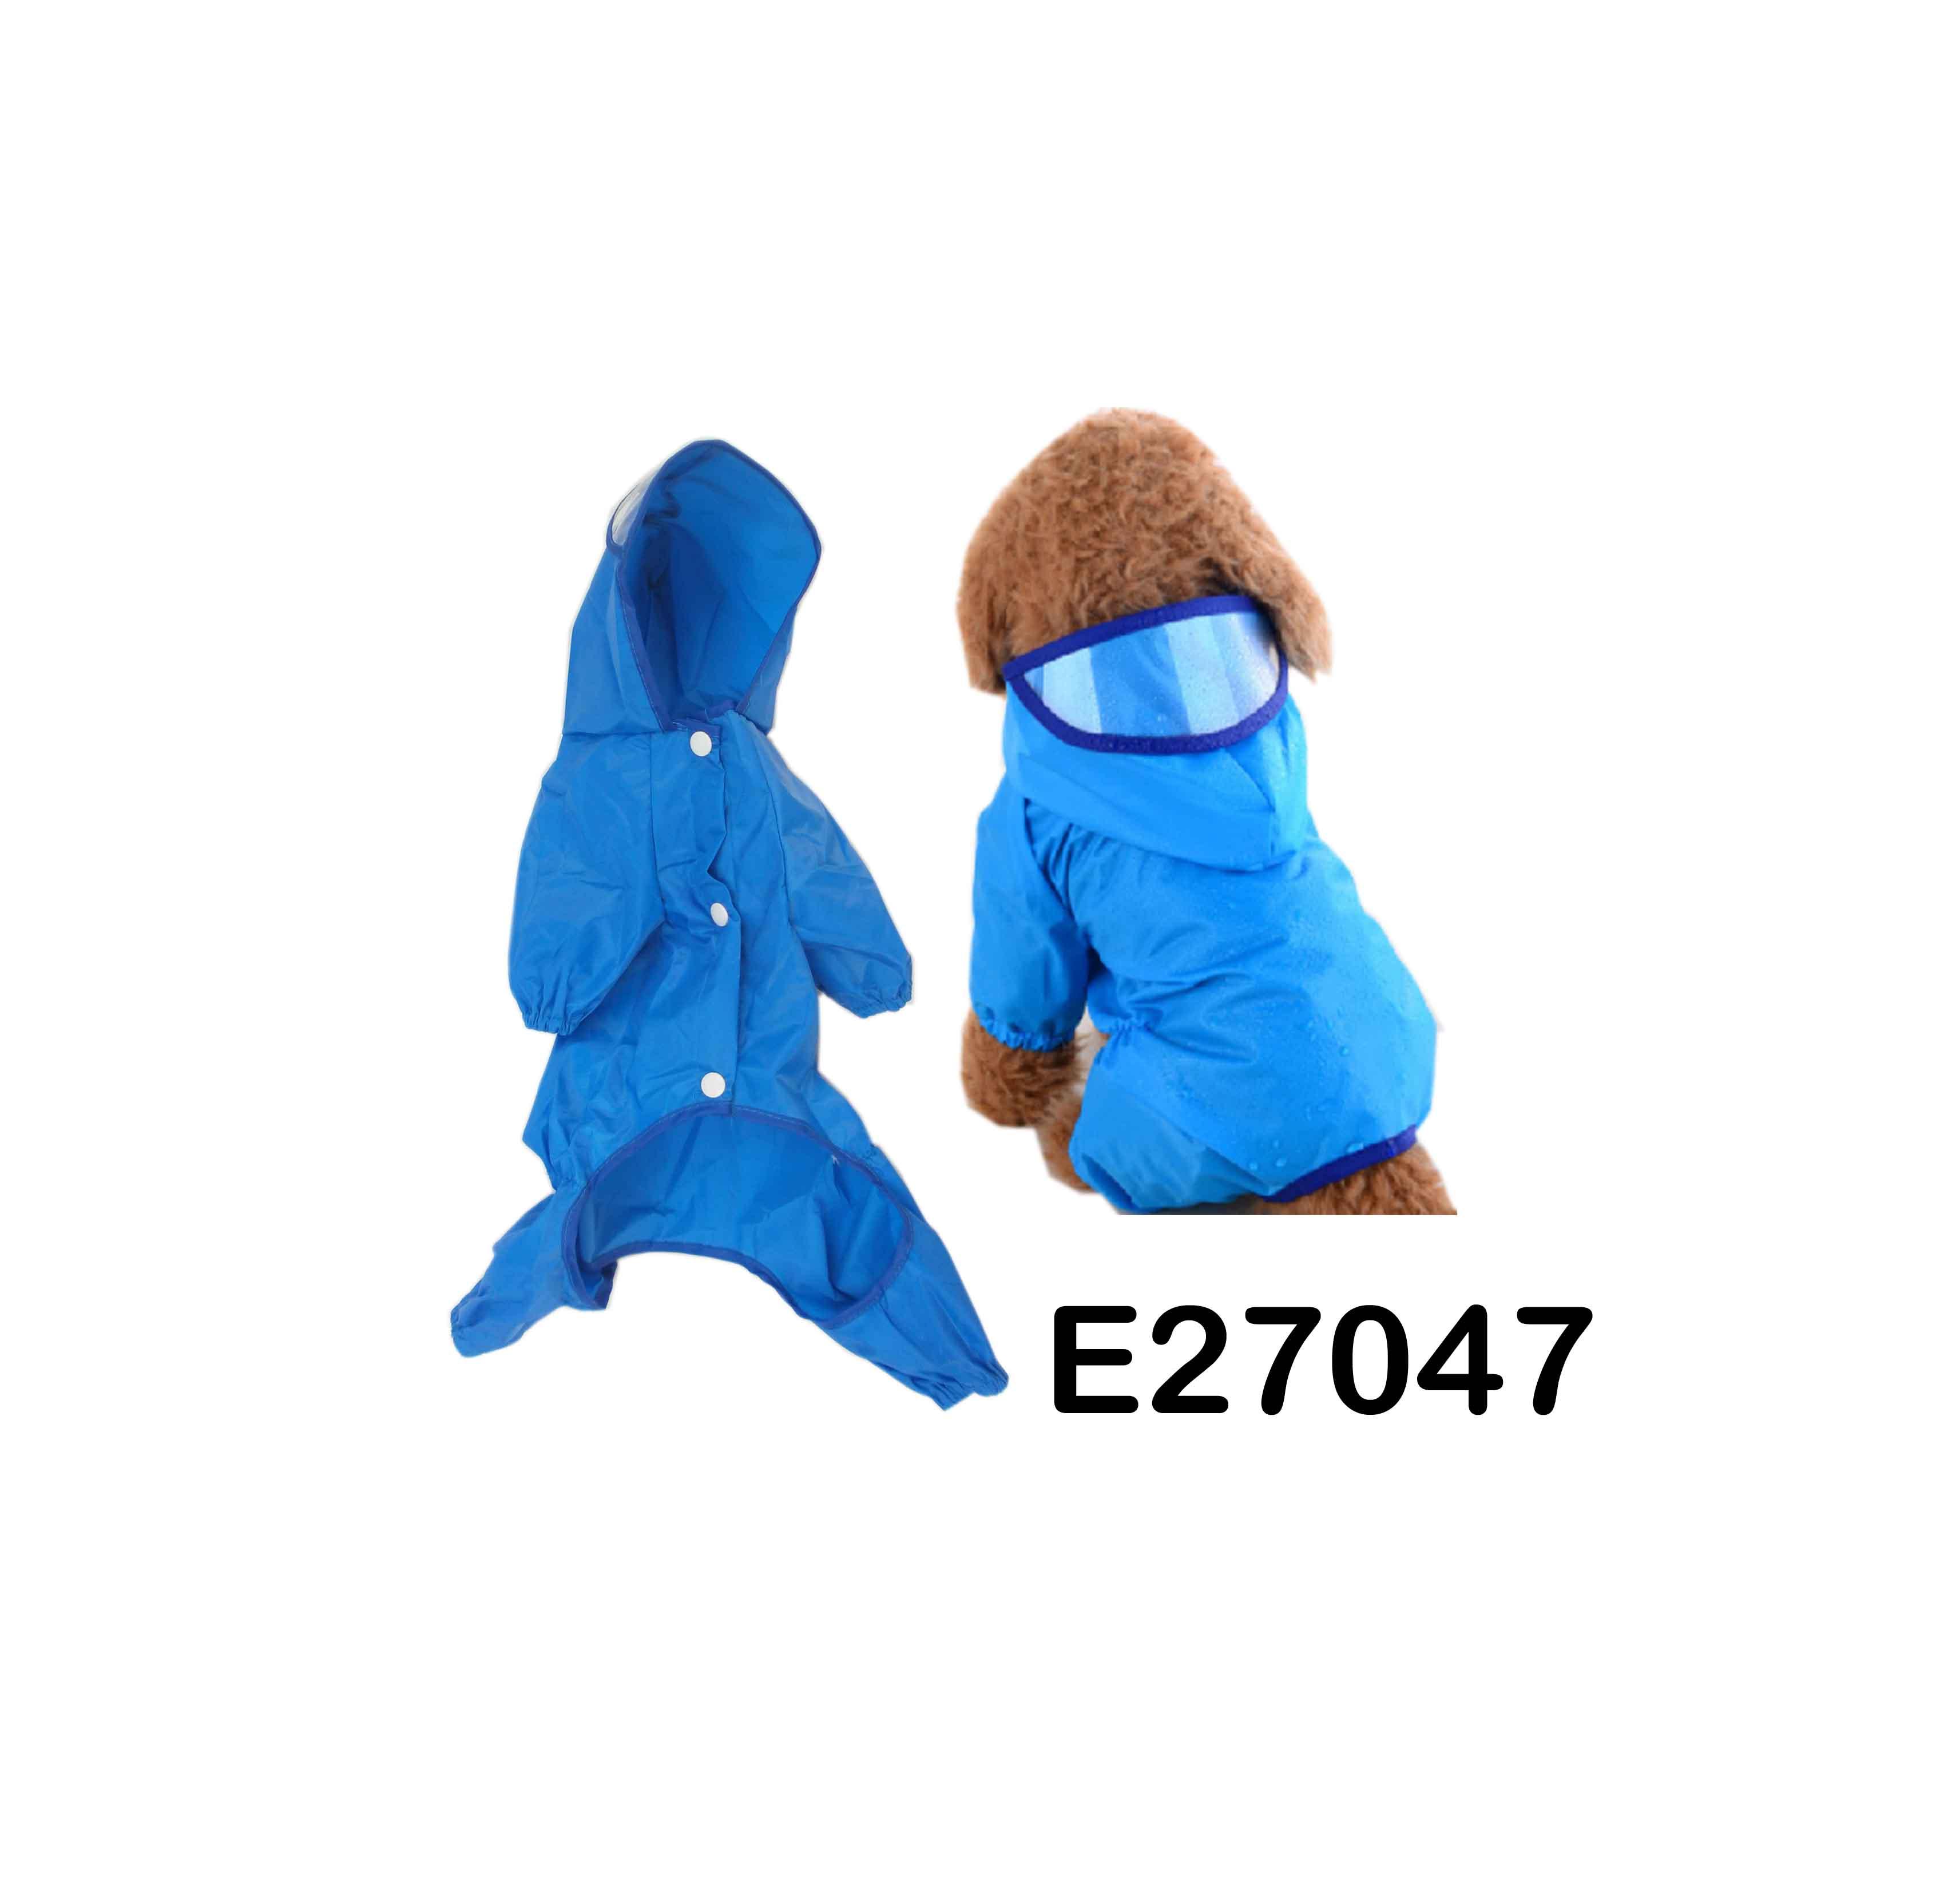 E27047 TE-A1